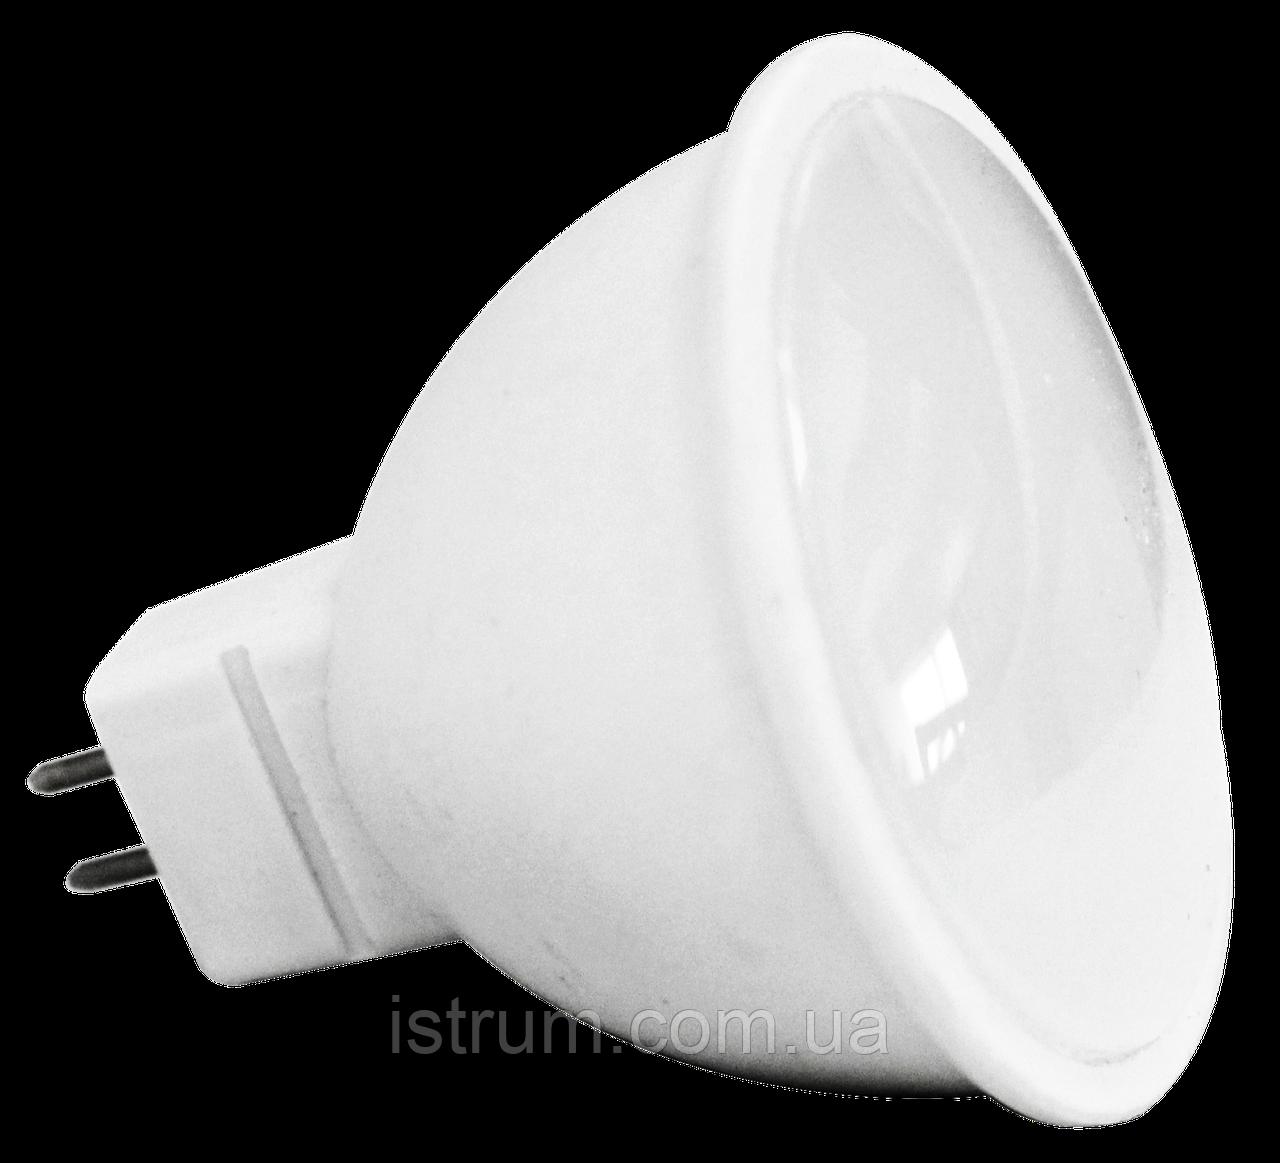 Лампа светодиодная 5.5W MR16 (3000К, 4000K) 500Lm 120° 220V, Numina